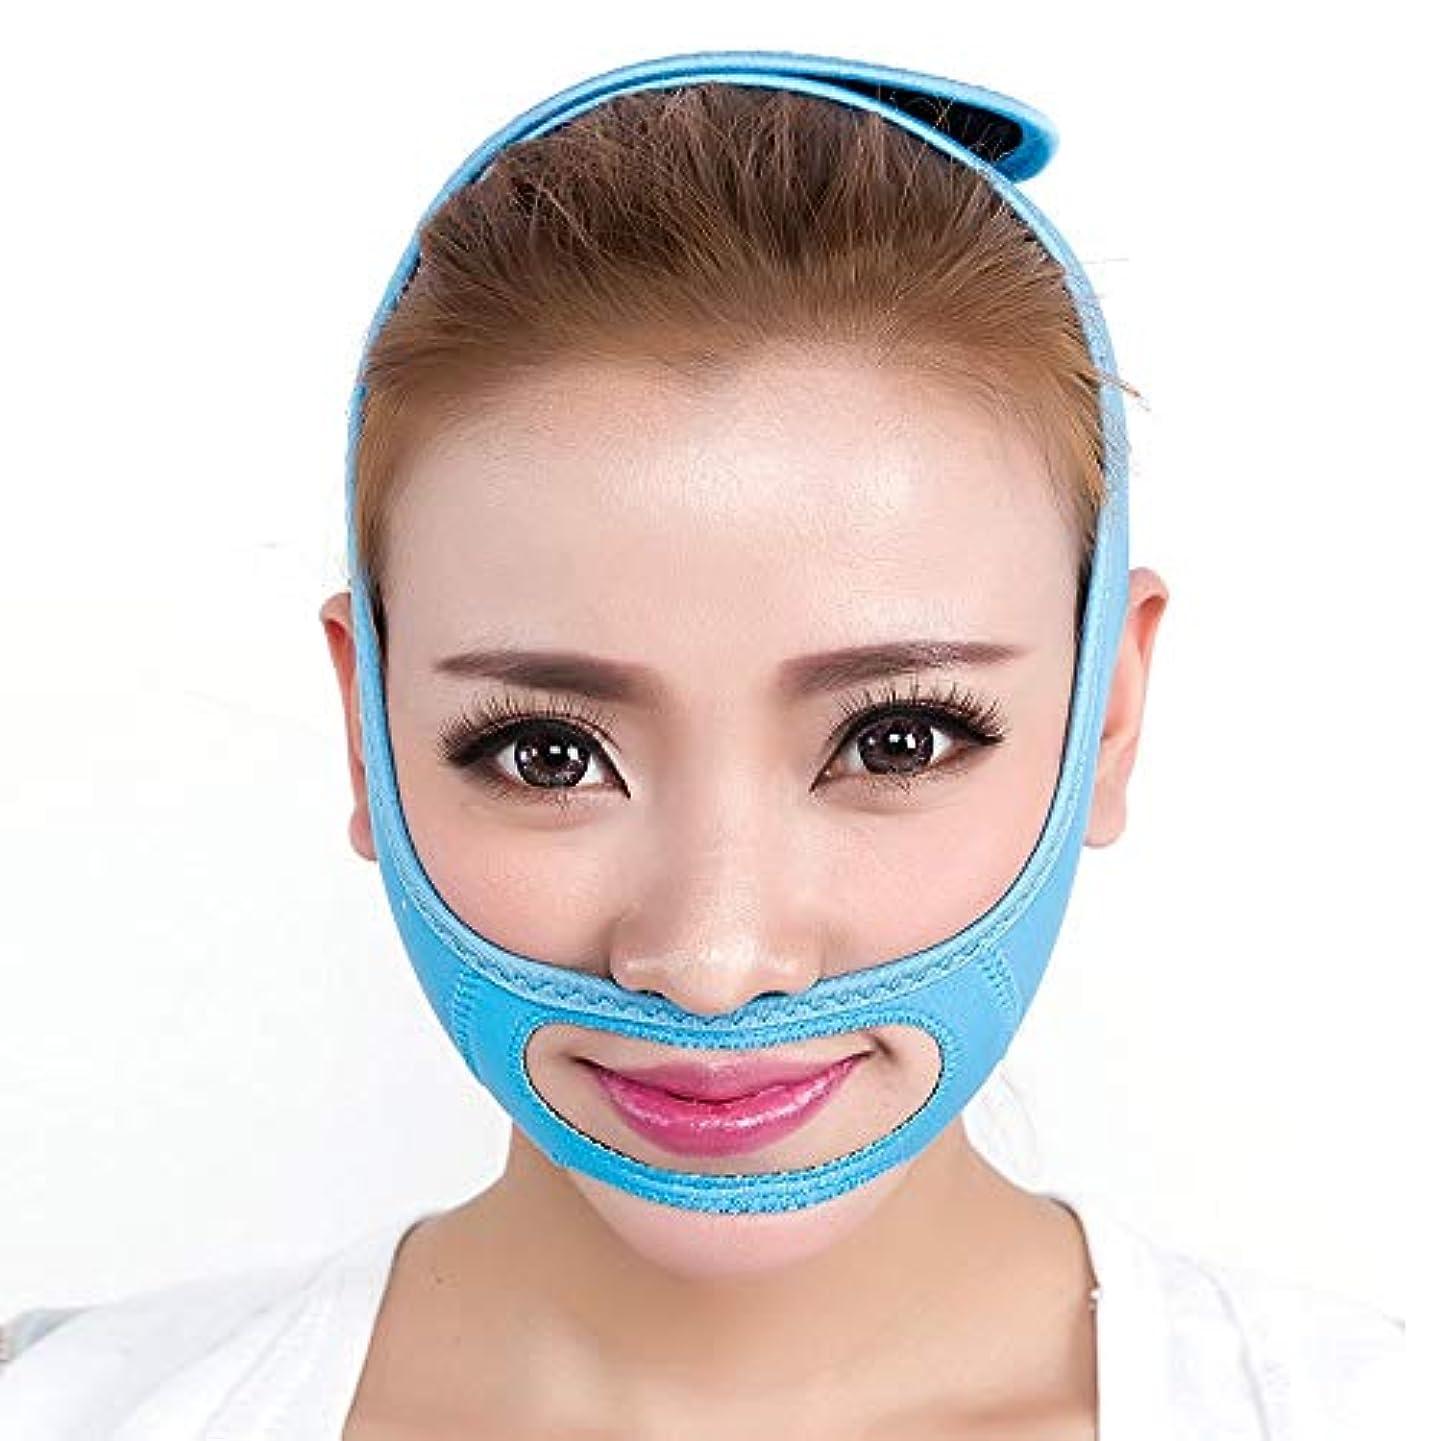 カプセル違反するブロックJia Jia- シンフェイスマスクシンフェイス包帯シンフェイスアーティファクトシンフェイスフェイシャルリフティングシンフェイススモールVフェイススリープシンフェイスベルト 顔面包帯 (色 : B)